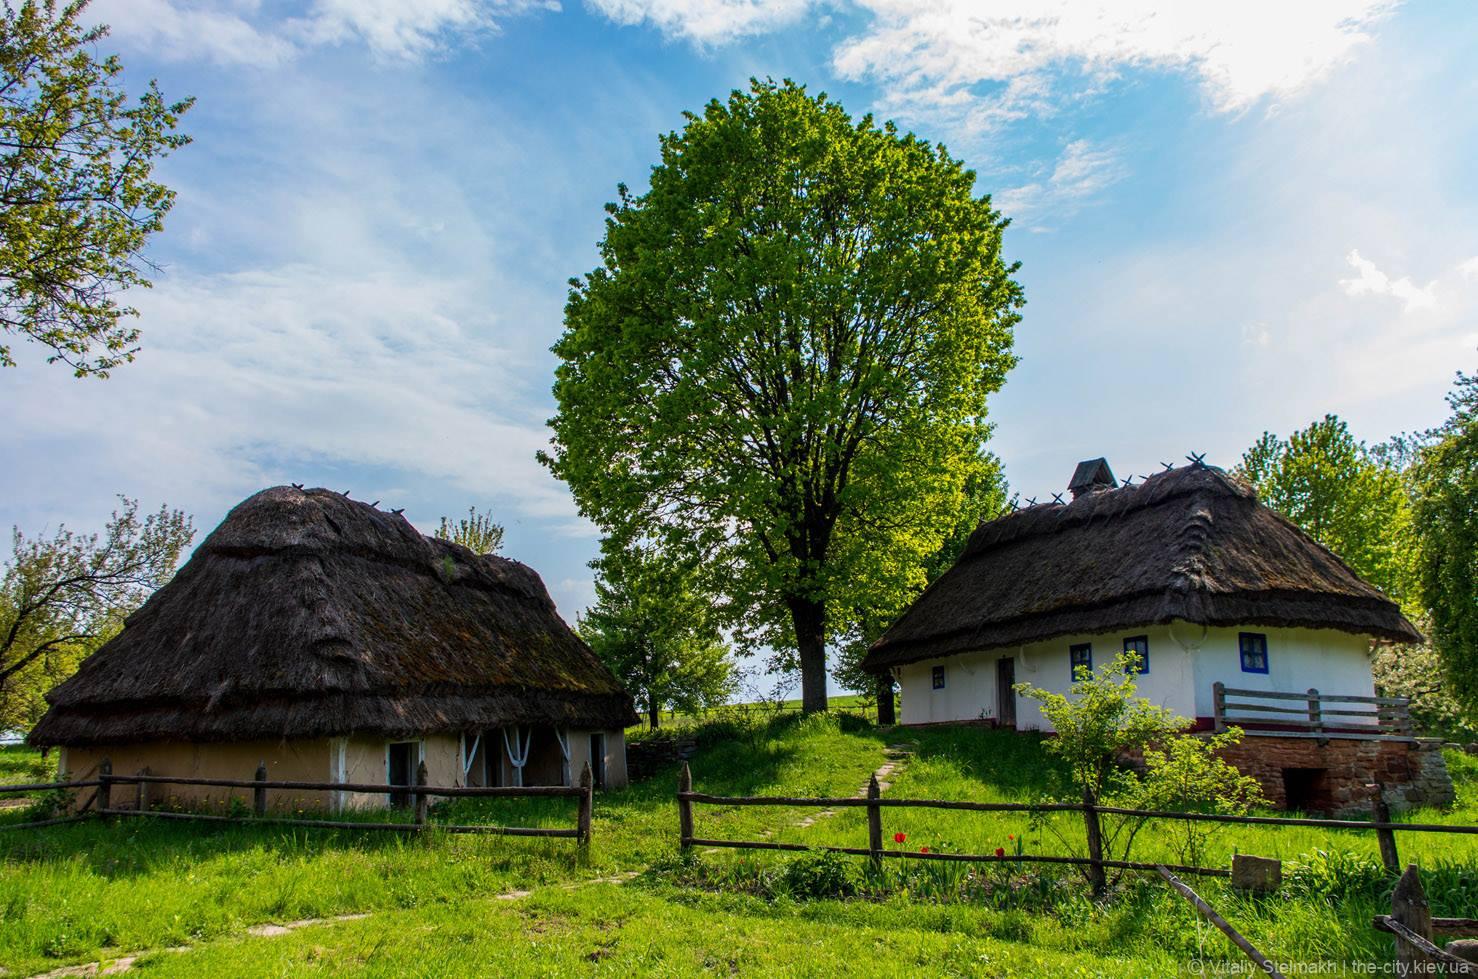 Гулять среди мельниц и украинских хат в Пирогово.